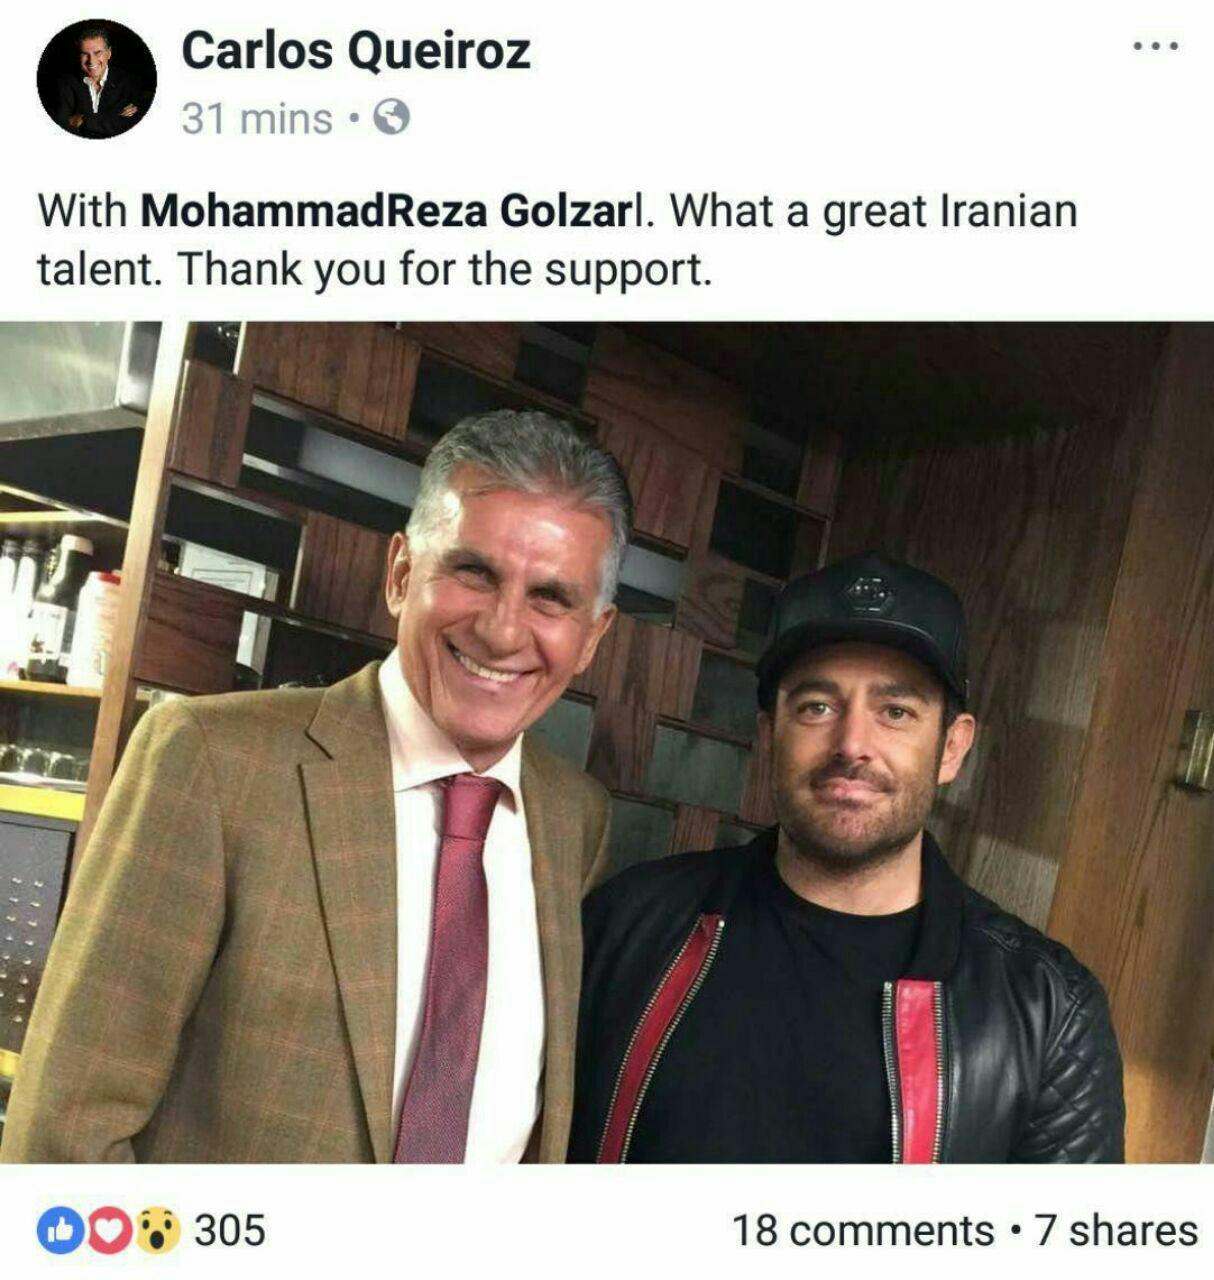 کارلوس کی روش سرمربی تیم ملی فوتبال کشورمان دقایقی پیش تصویری از خود در کنار بازیگری مشهور را منتشر کرد. کارلوس کی روش ...